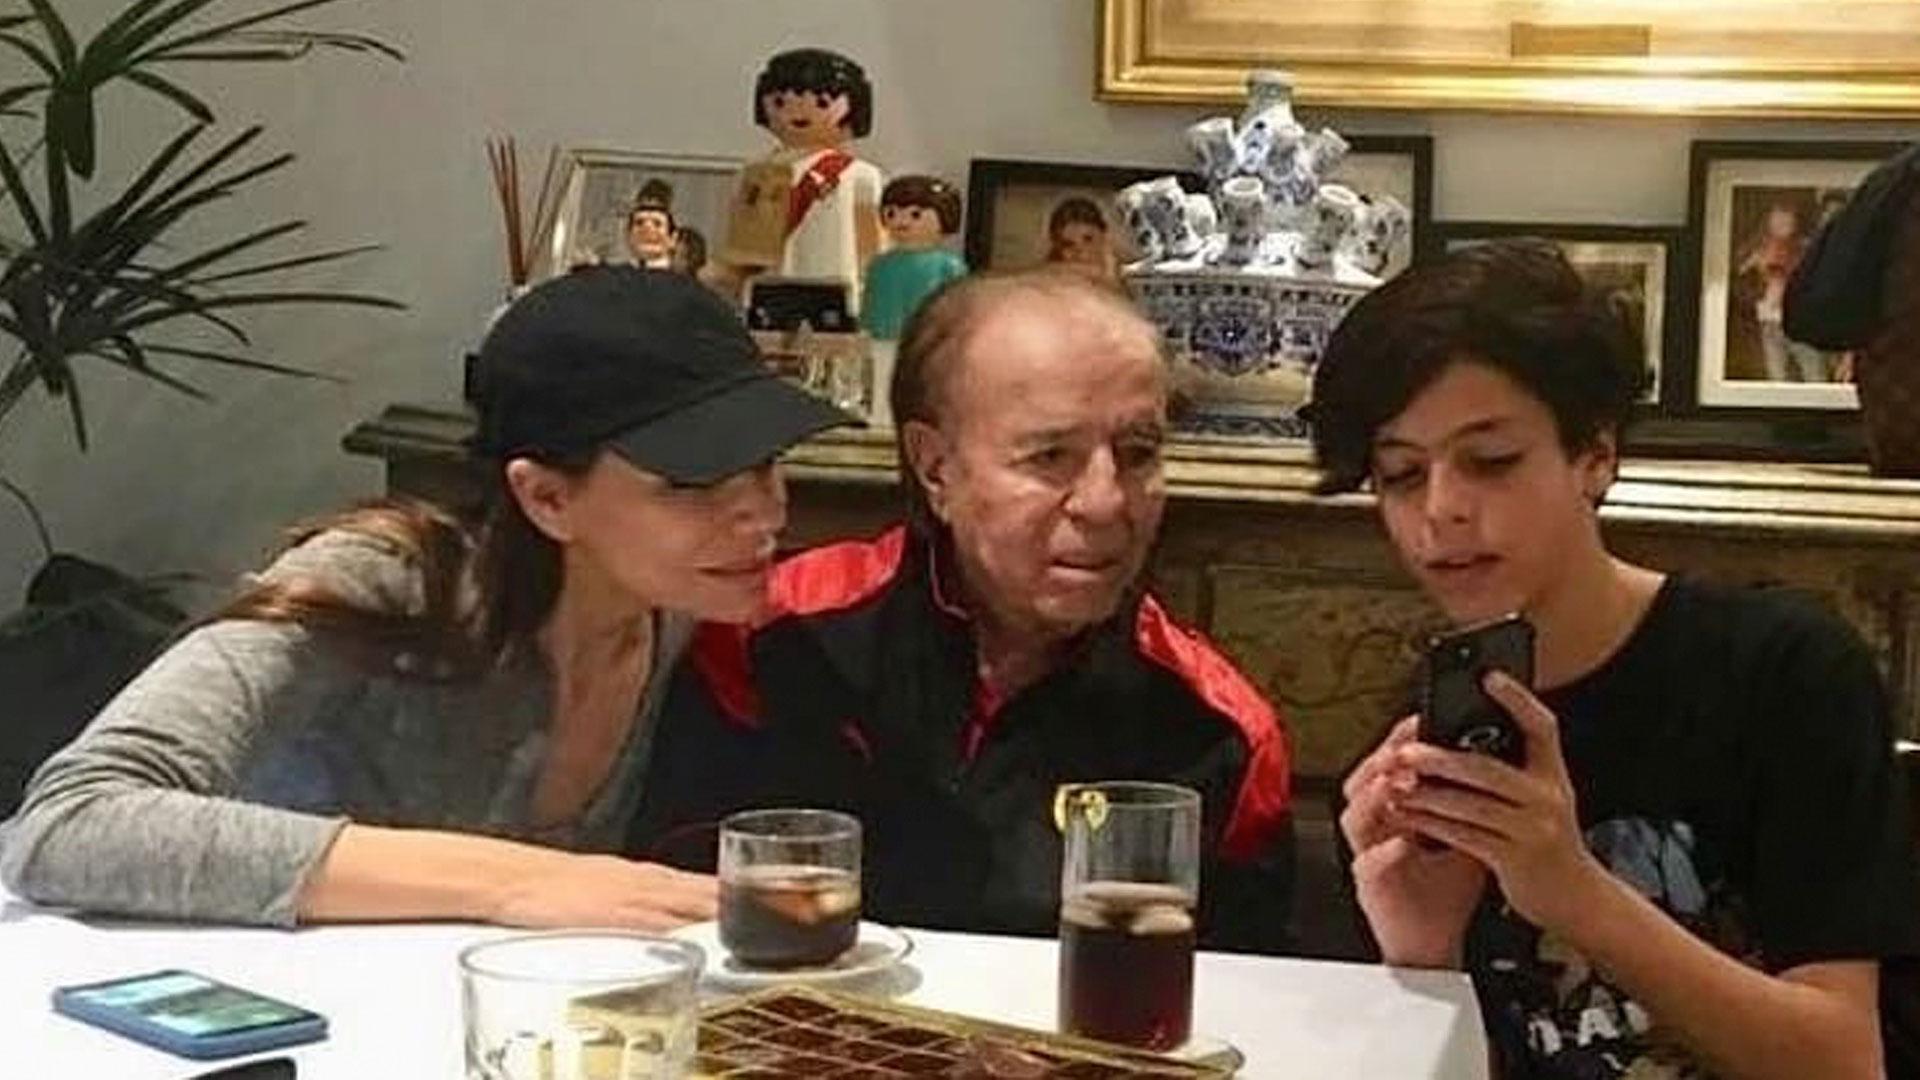 Máximo Menem, el hijo de Cecilia Bolocco y Carlos Menem, tiene un tumor cerebral. En la clínica Las Condes, el adolescente de 14 años se sometió a una compleja cirugía de urgencia